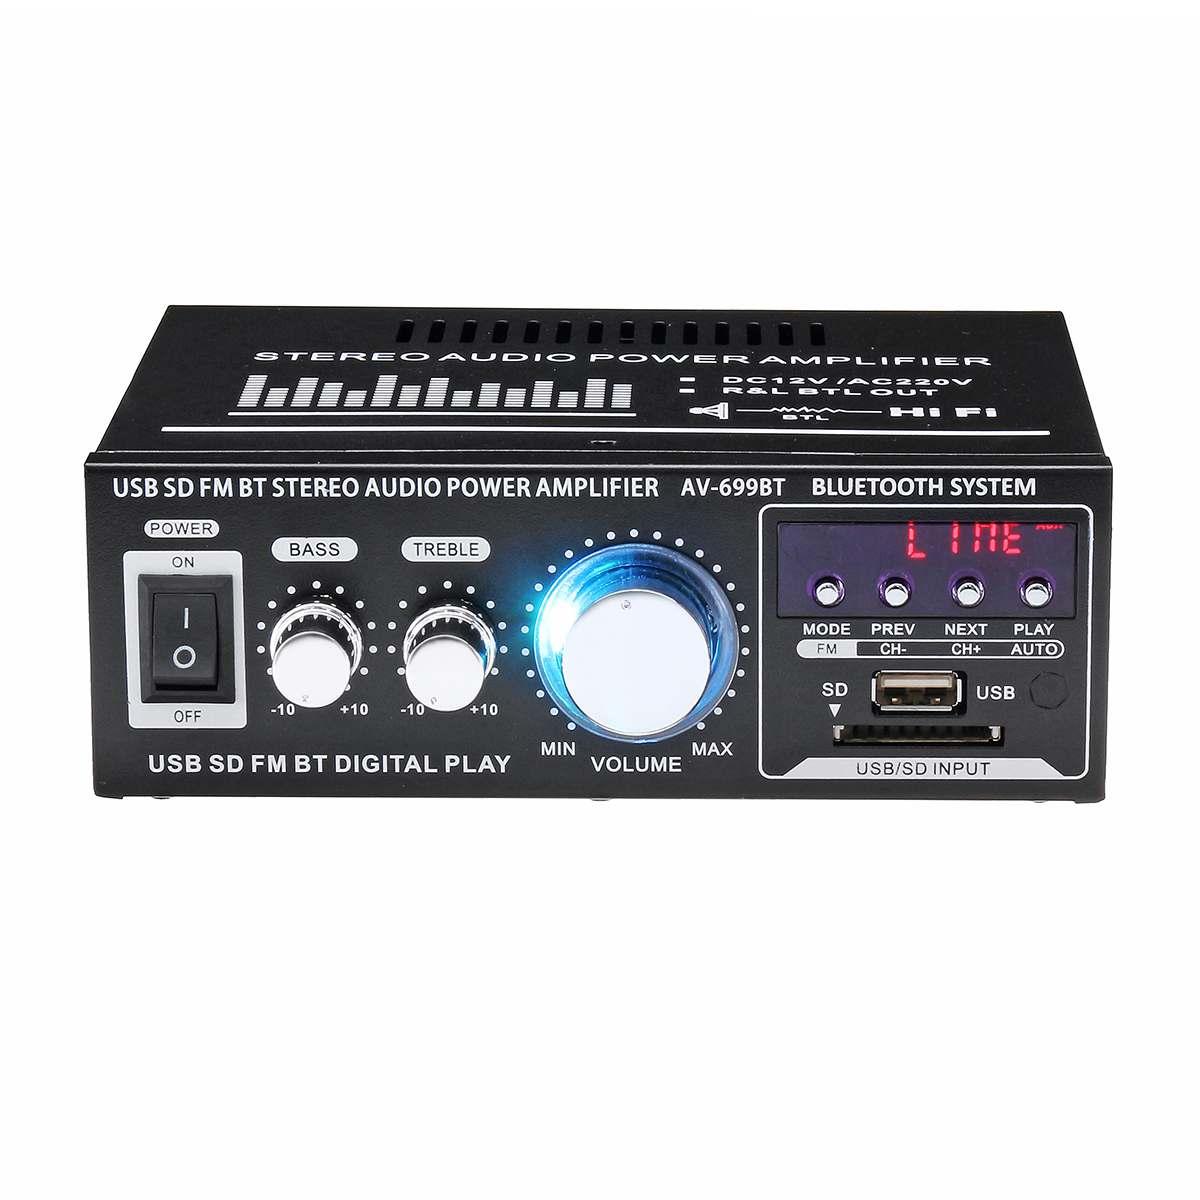 адаптации Bluetooth; 12V мини-усилитель; усилить;